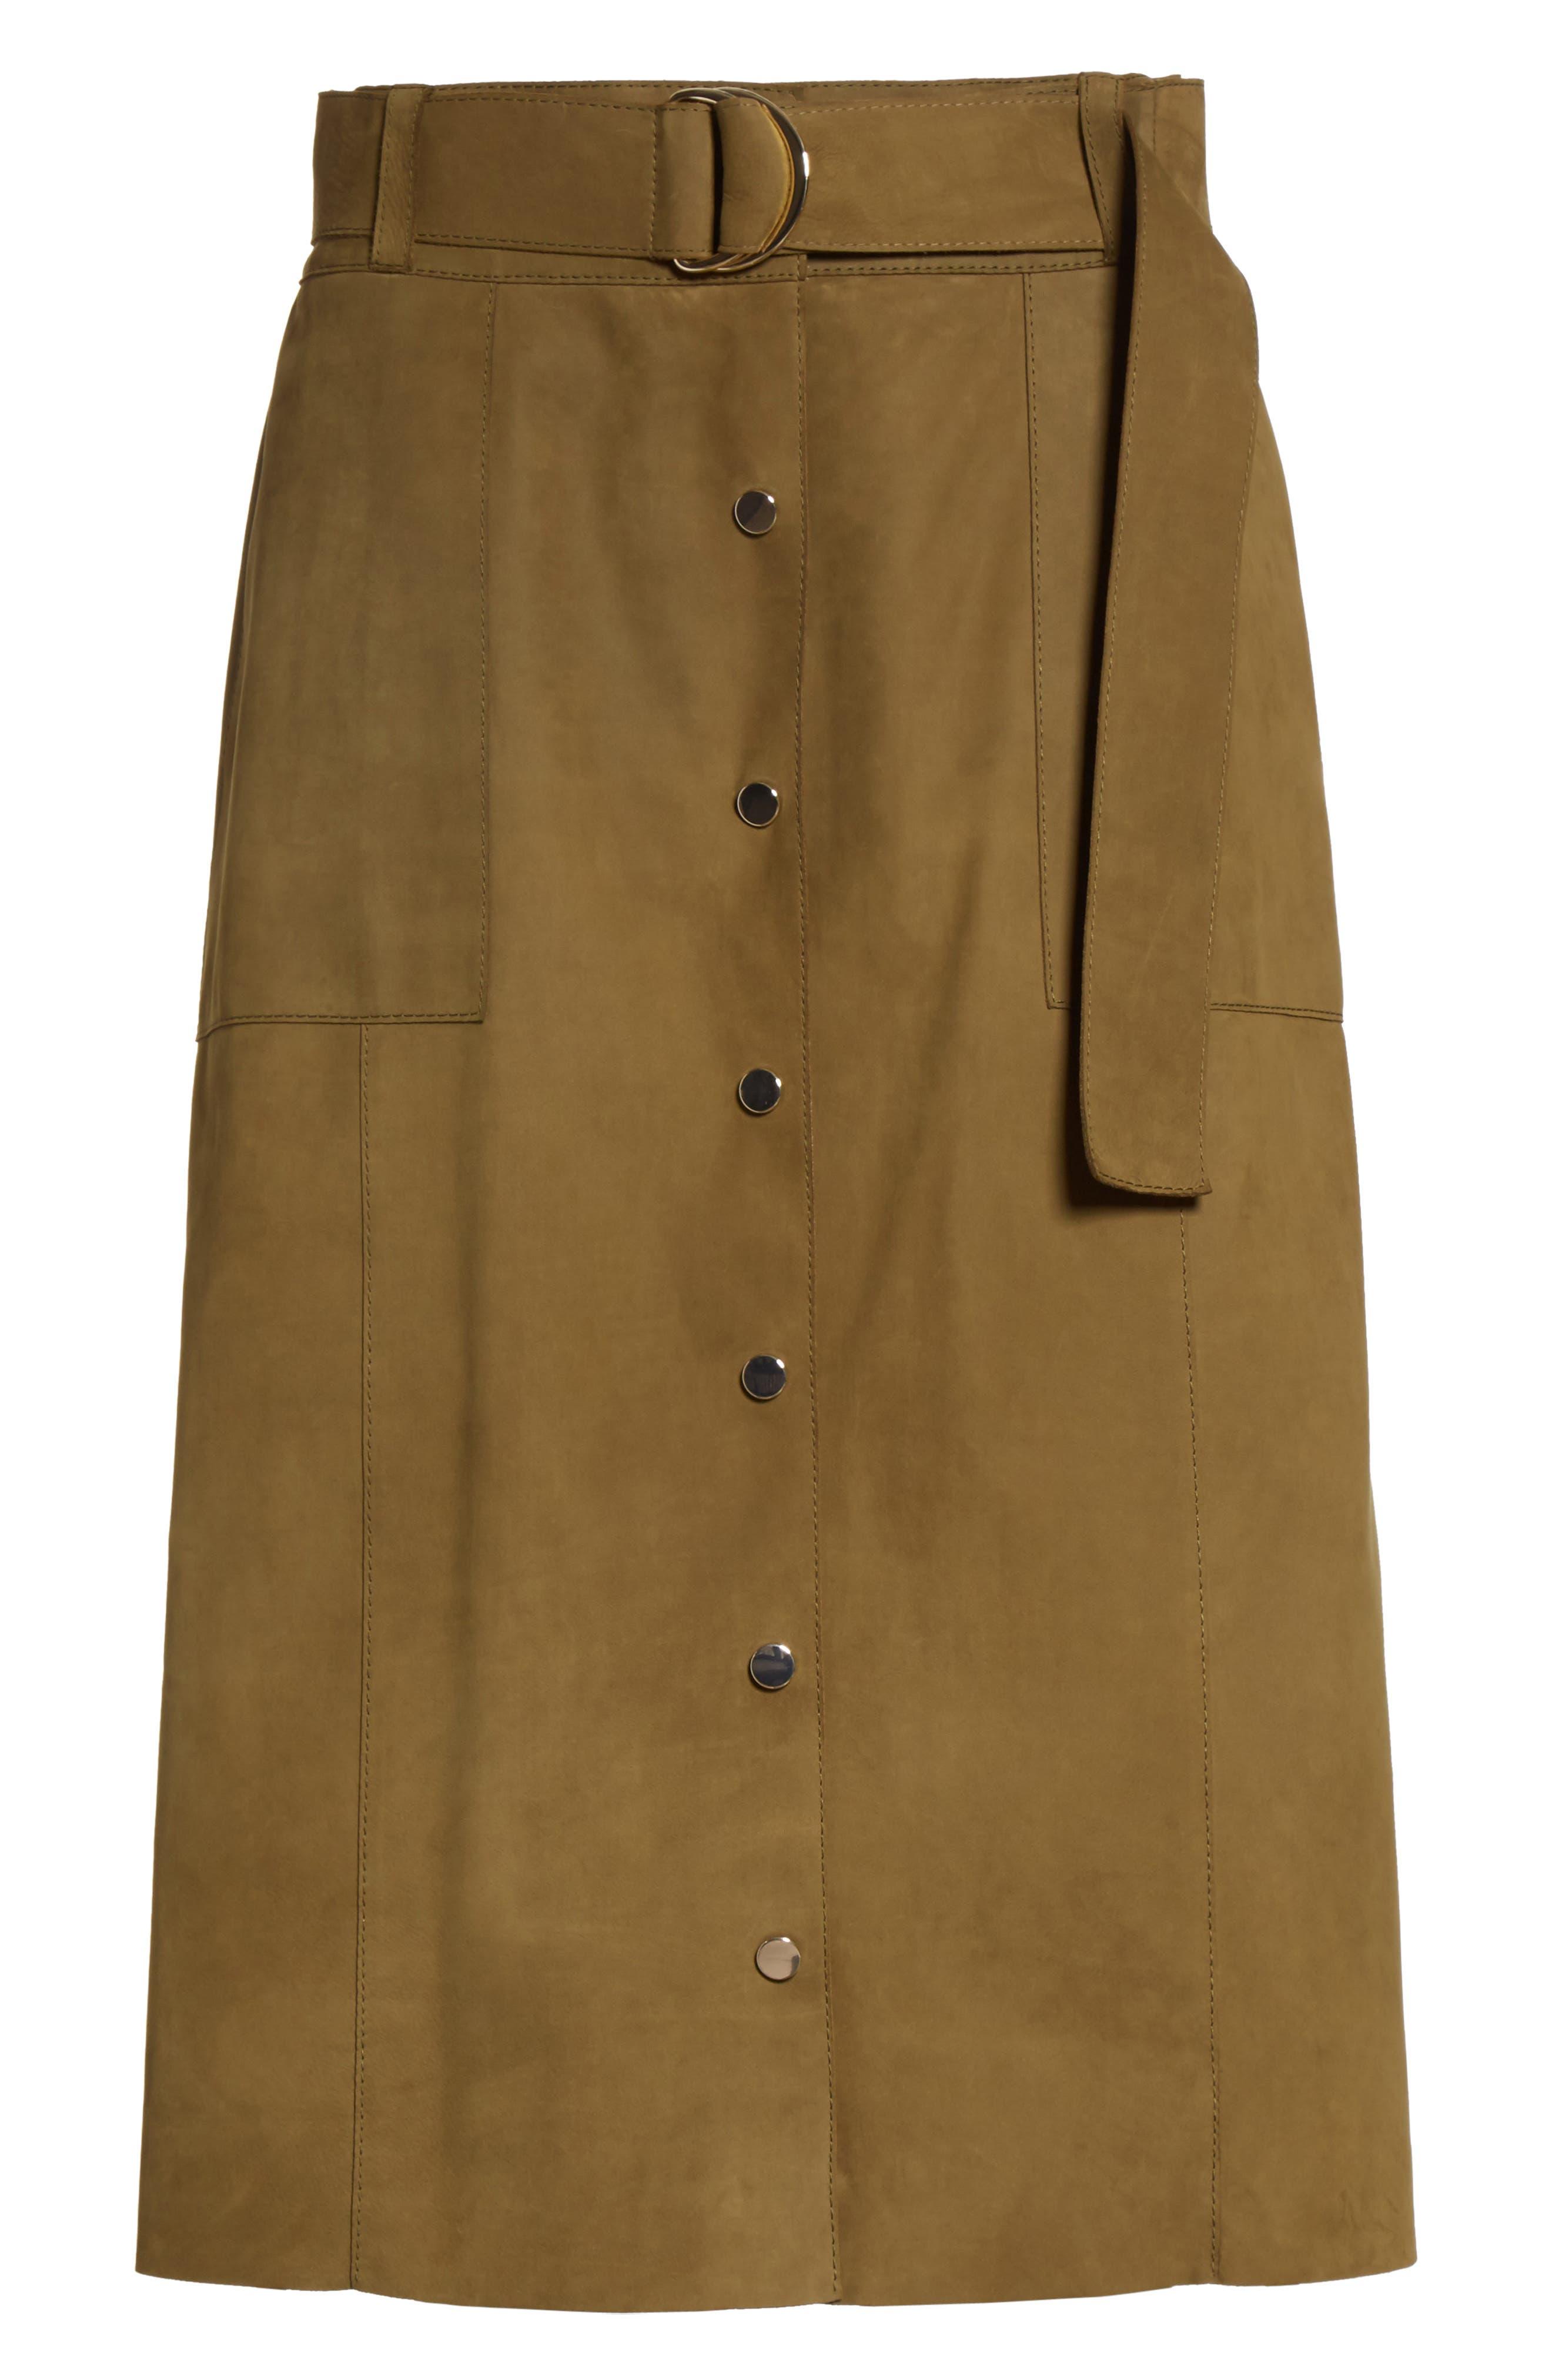 Orla Leather Skirt,                             Alternate thumbnail 6, color,                             389